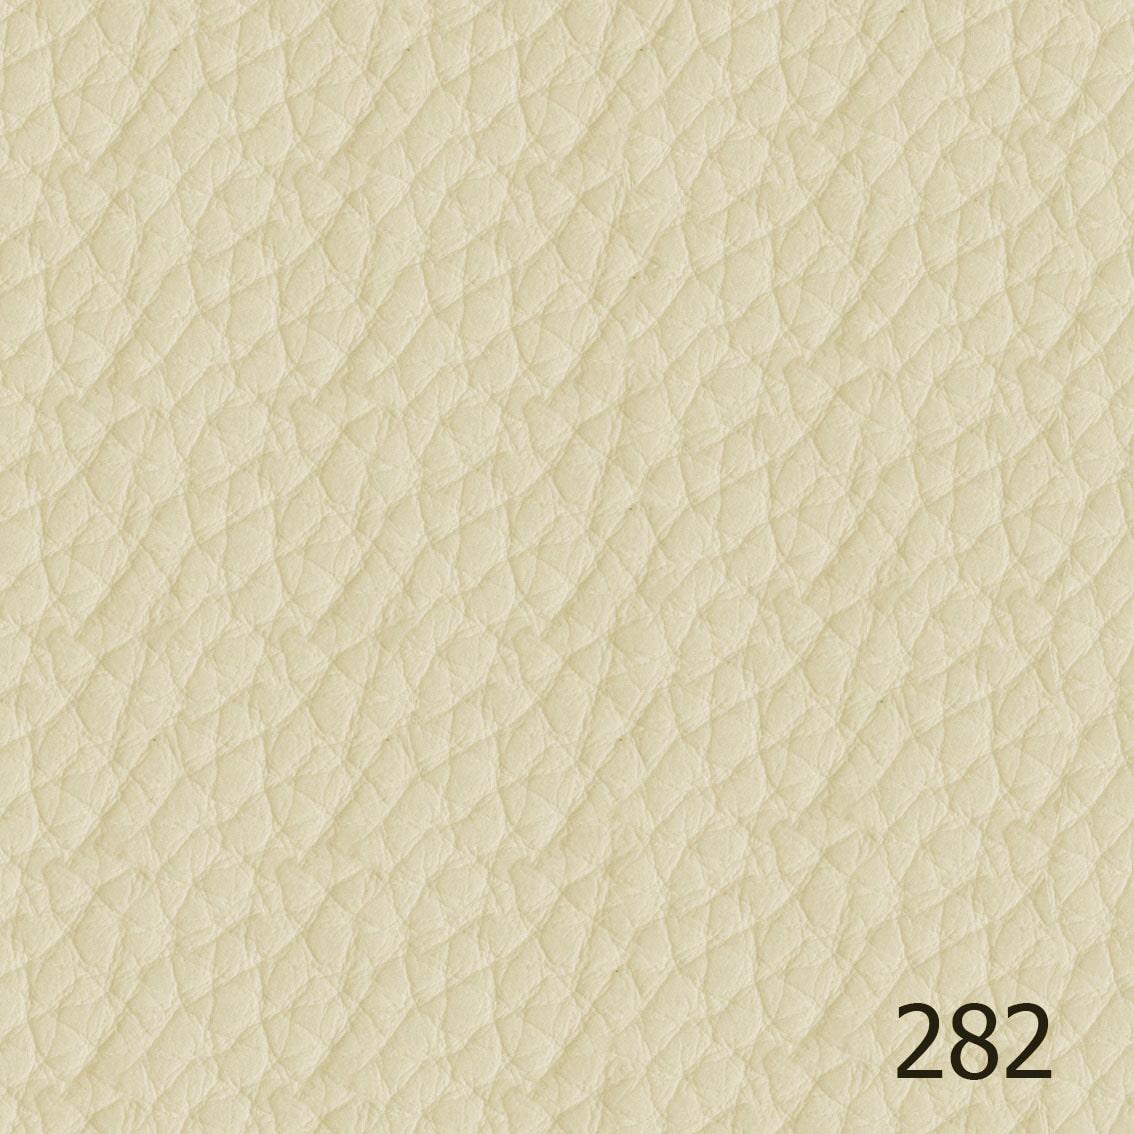 282-min